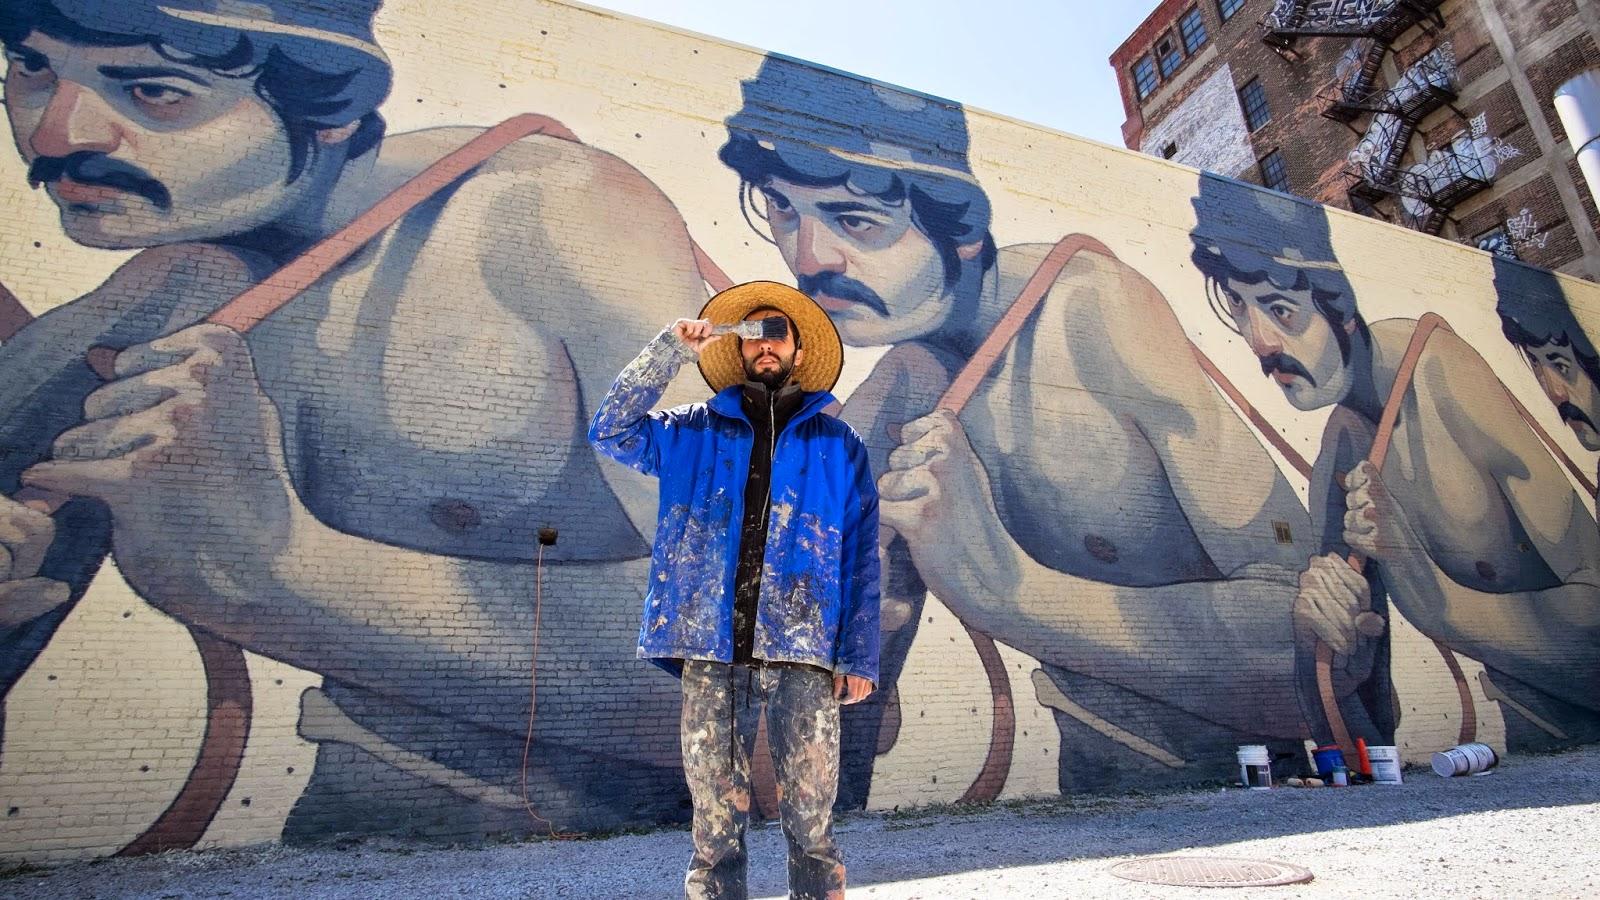 aryz-new-mural-in-detroit-06